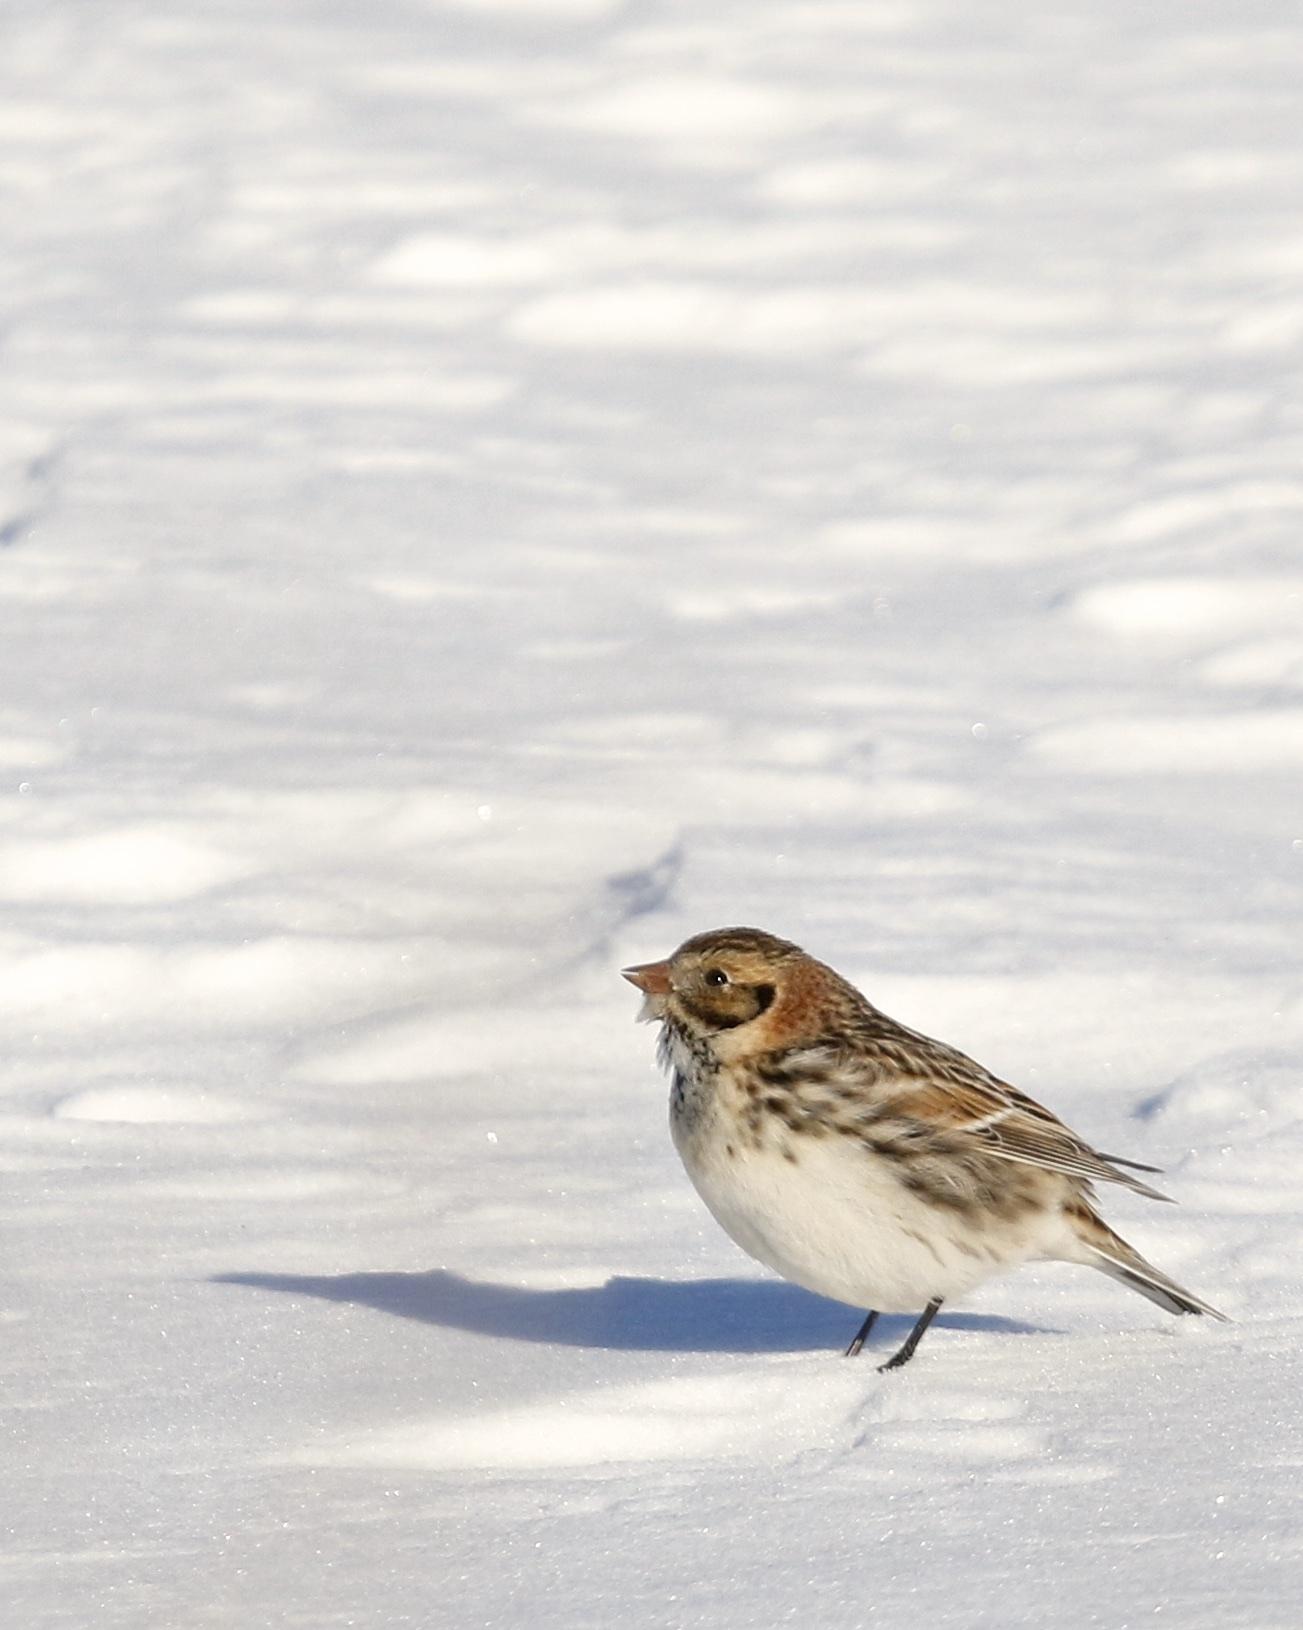 ~Lapland Longspur, 1/31/15.~